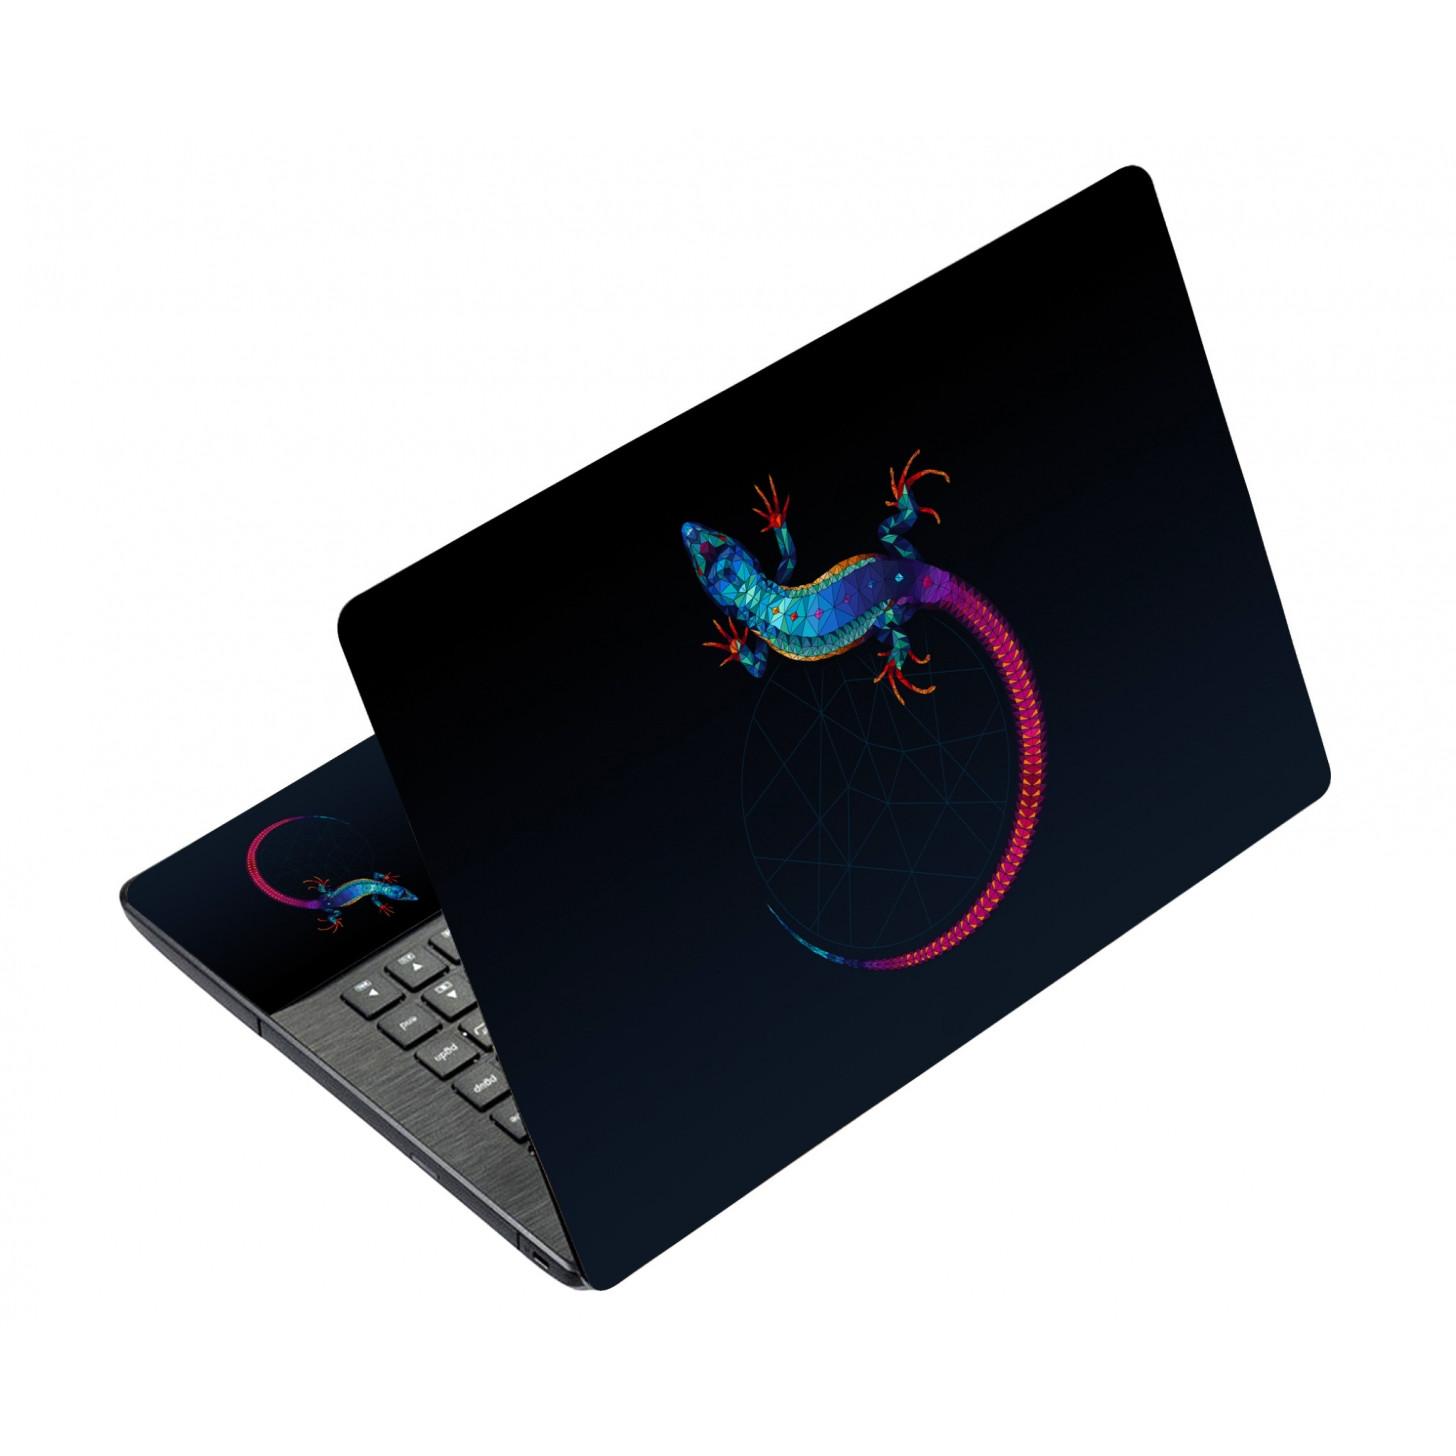 Miếng Dán Decal Dành Cho Laptop Mẫu Hoạt Hình LTHH-248 cỡ 13 inch